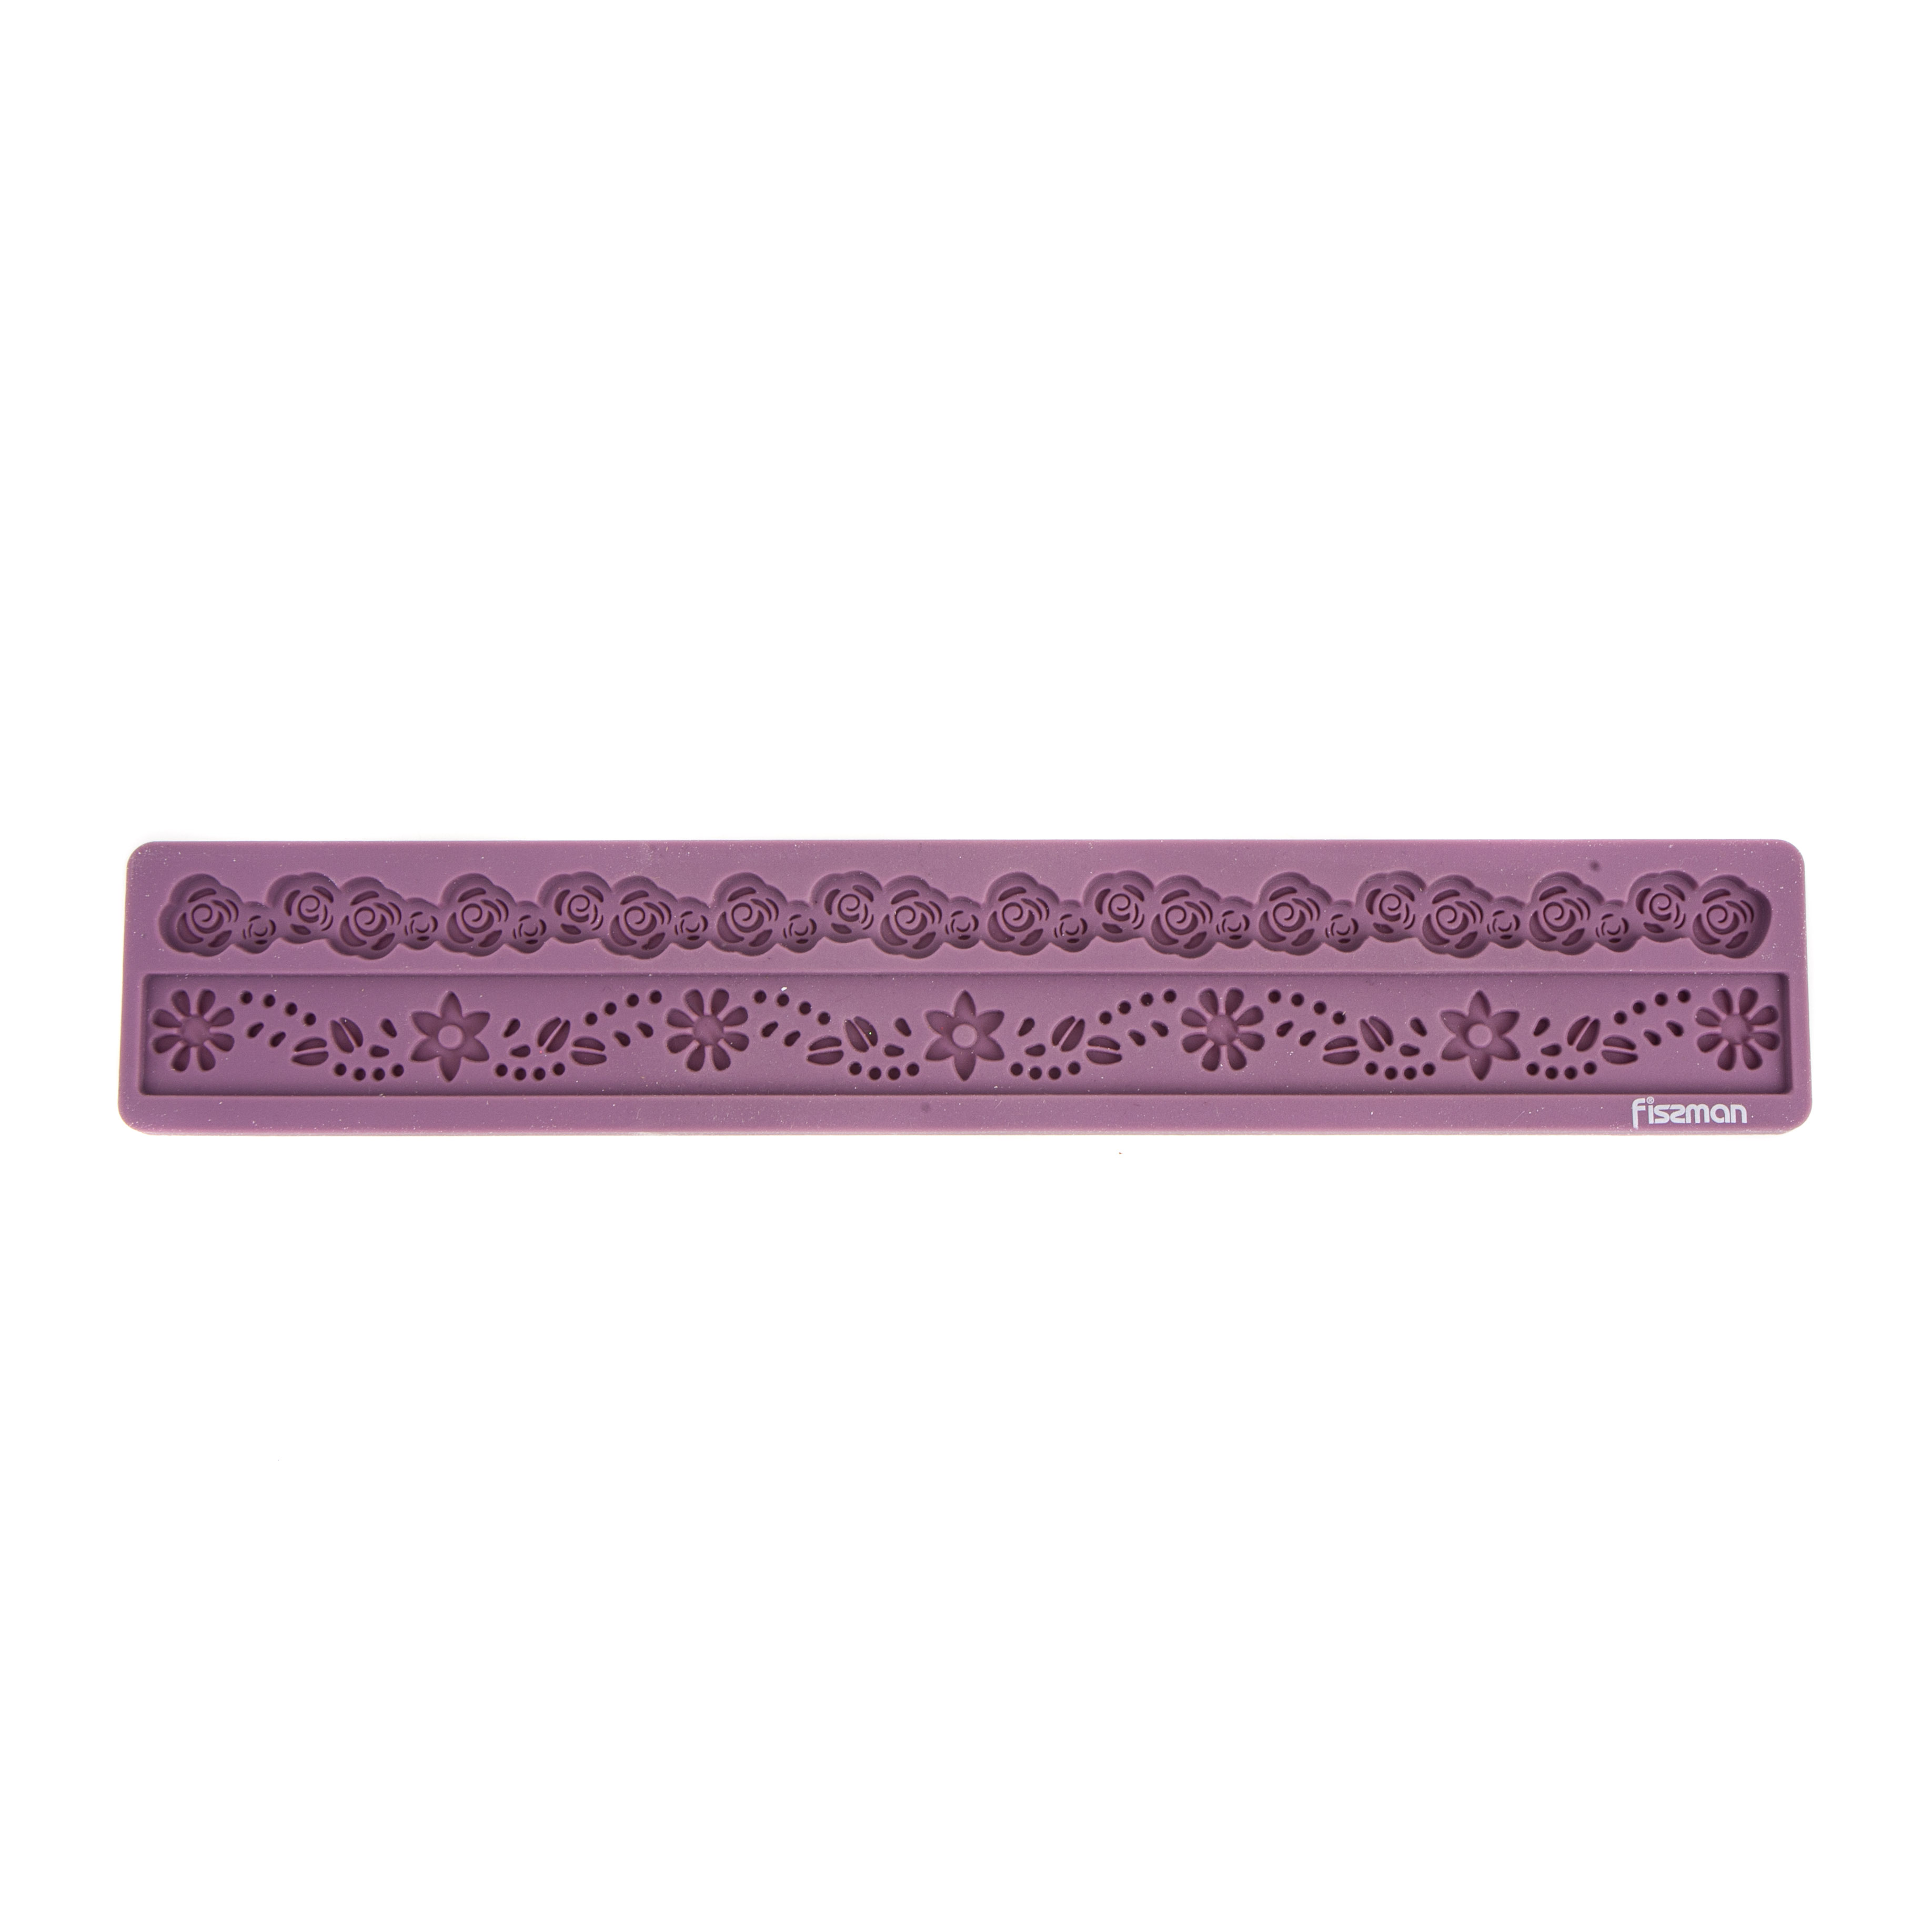 Форма для мастики Fissman текстурная 30х5 см